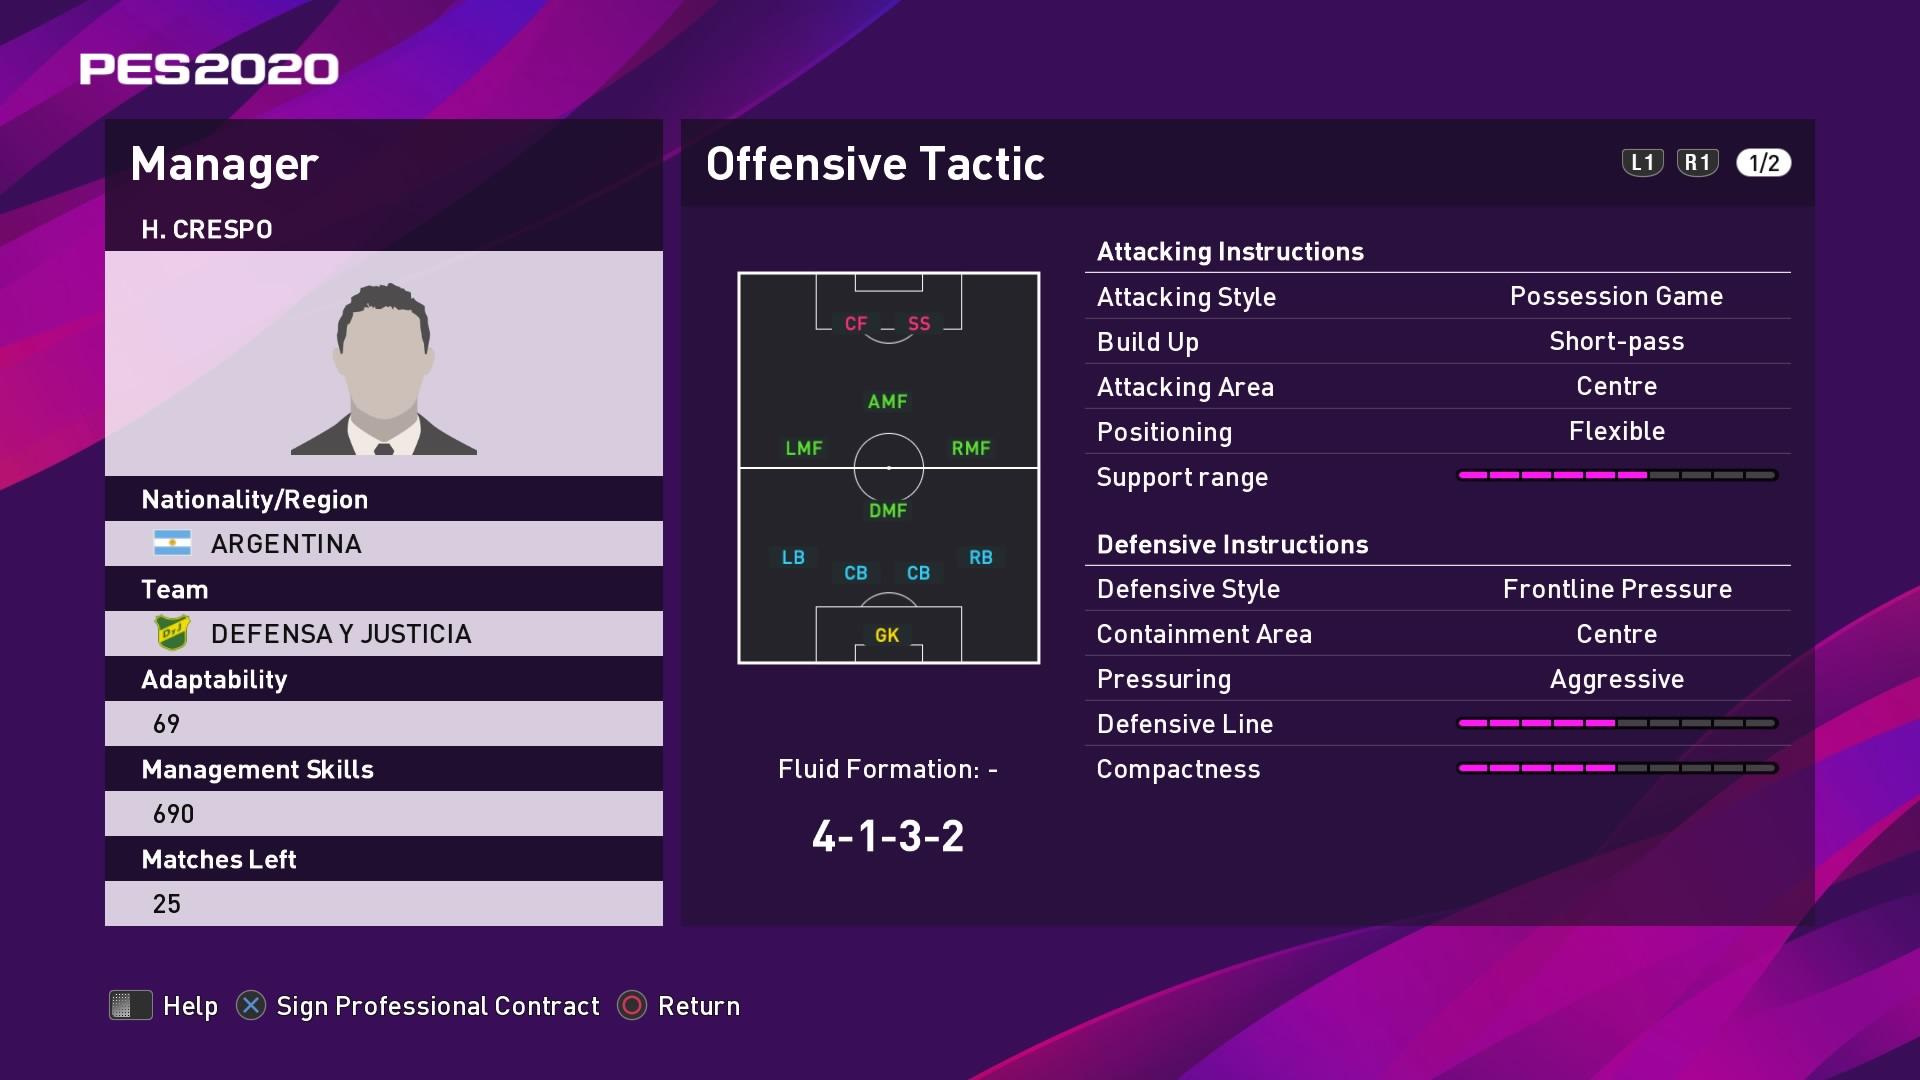 H. Crespo (Hernán Crespo) Offensive Tactic in PES 2020 myClub